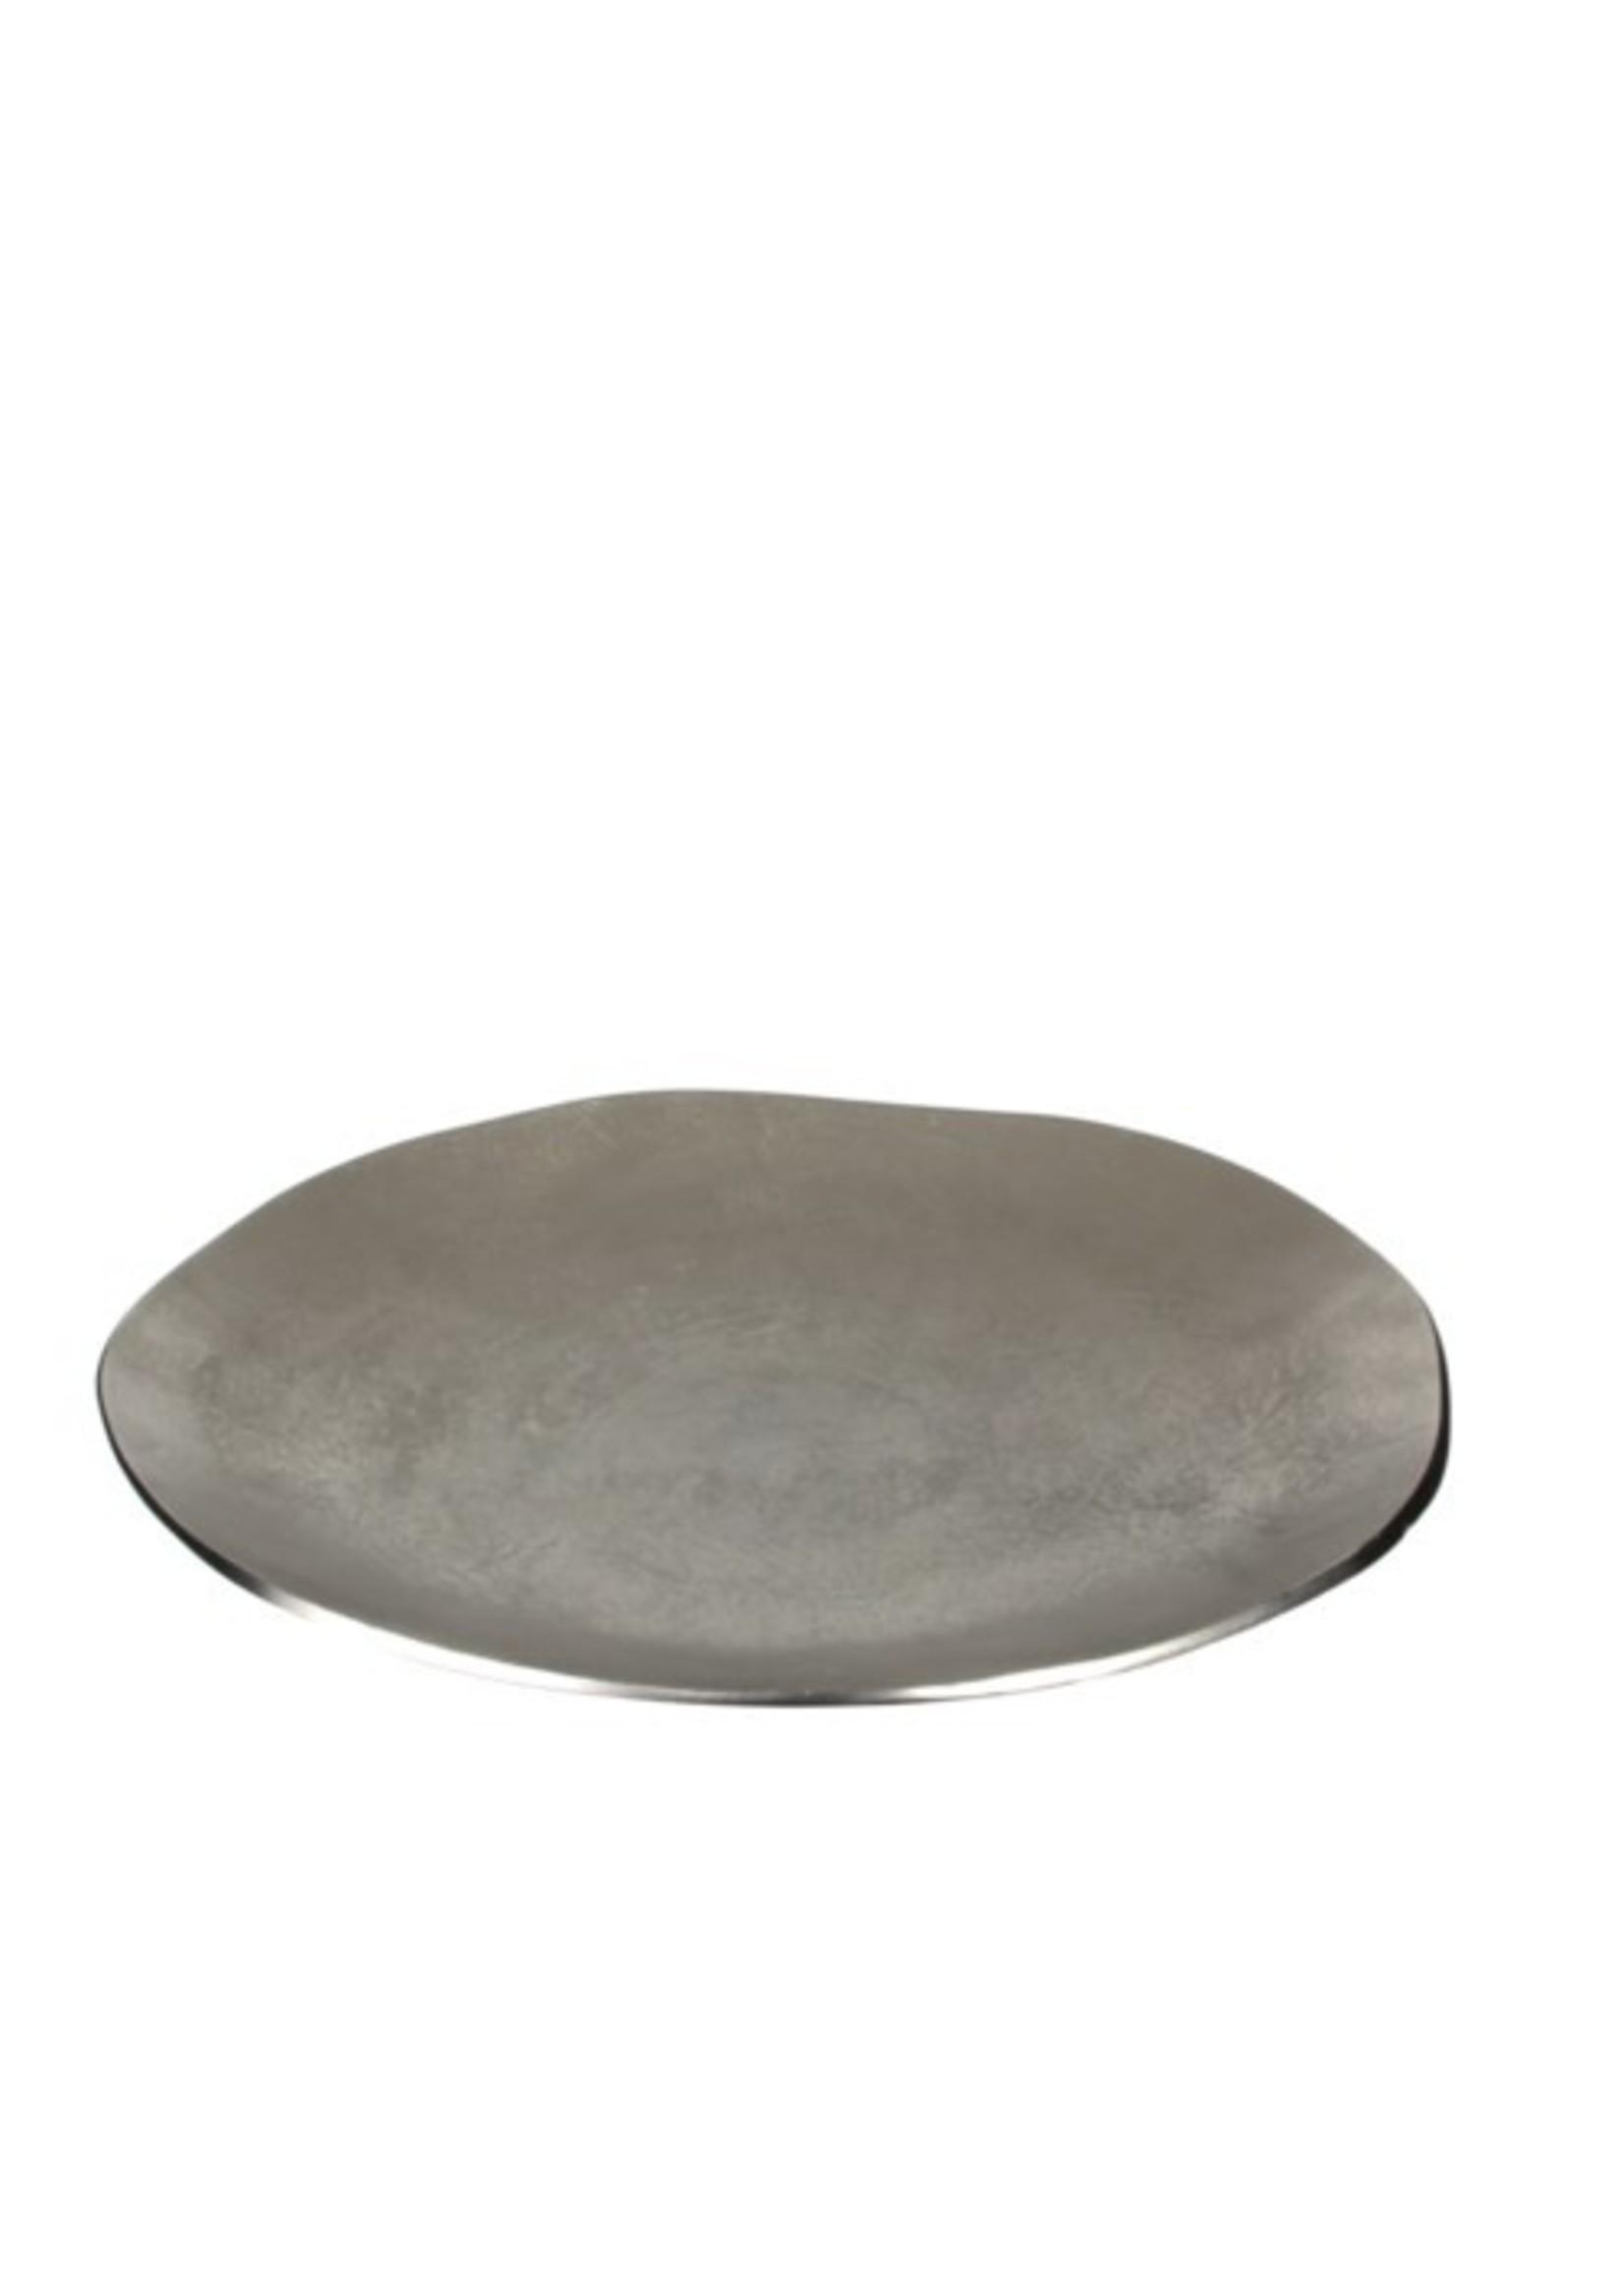 Kashmir Bowl - Silver